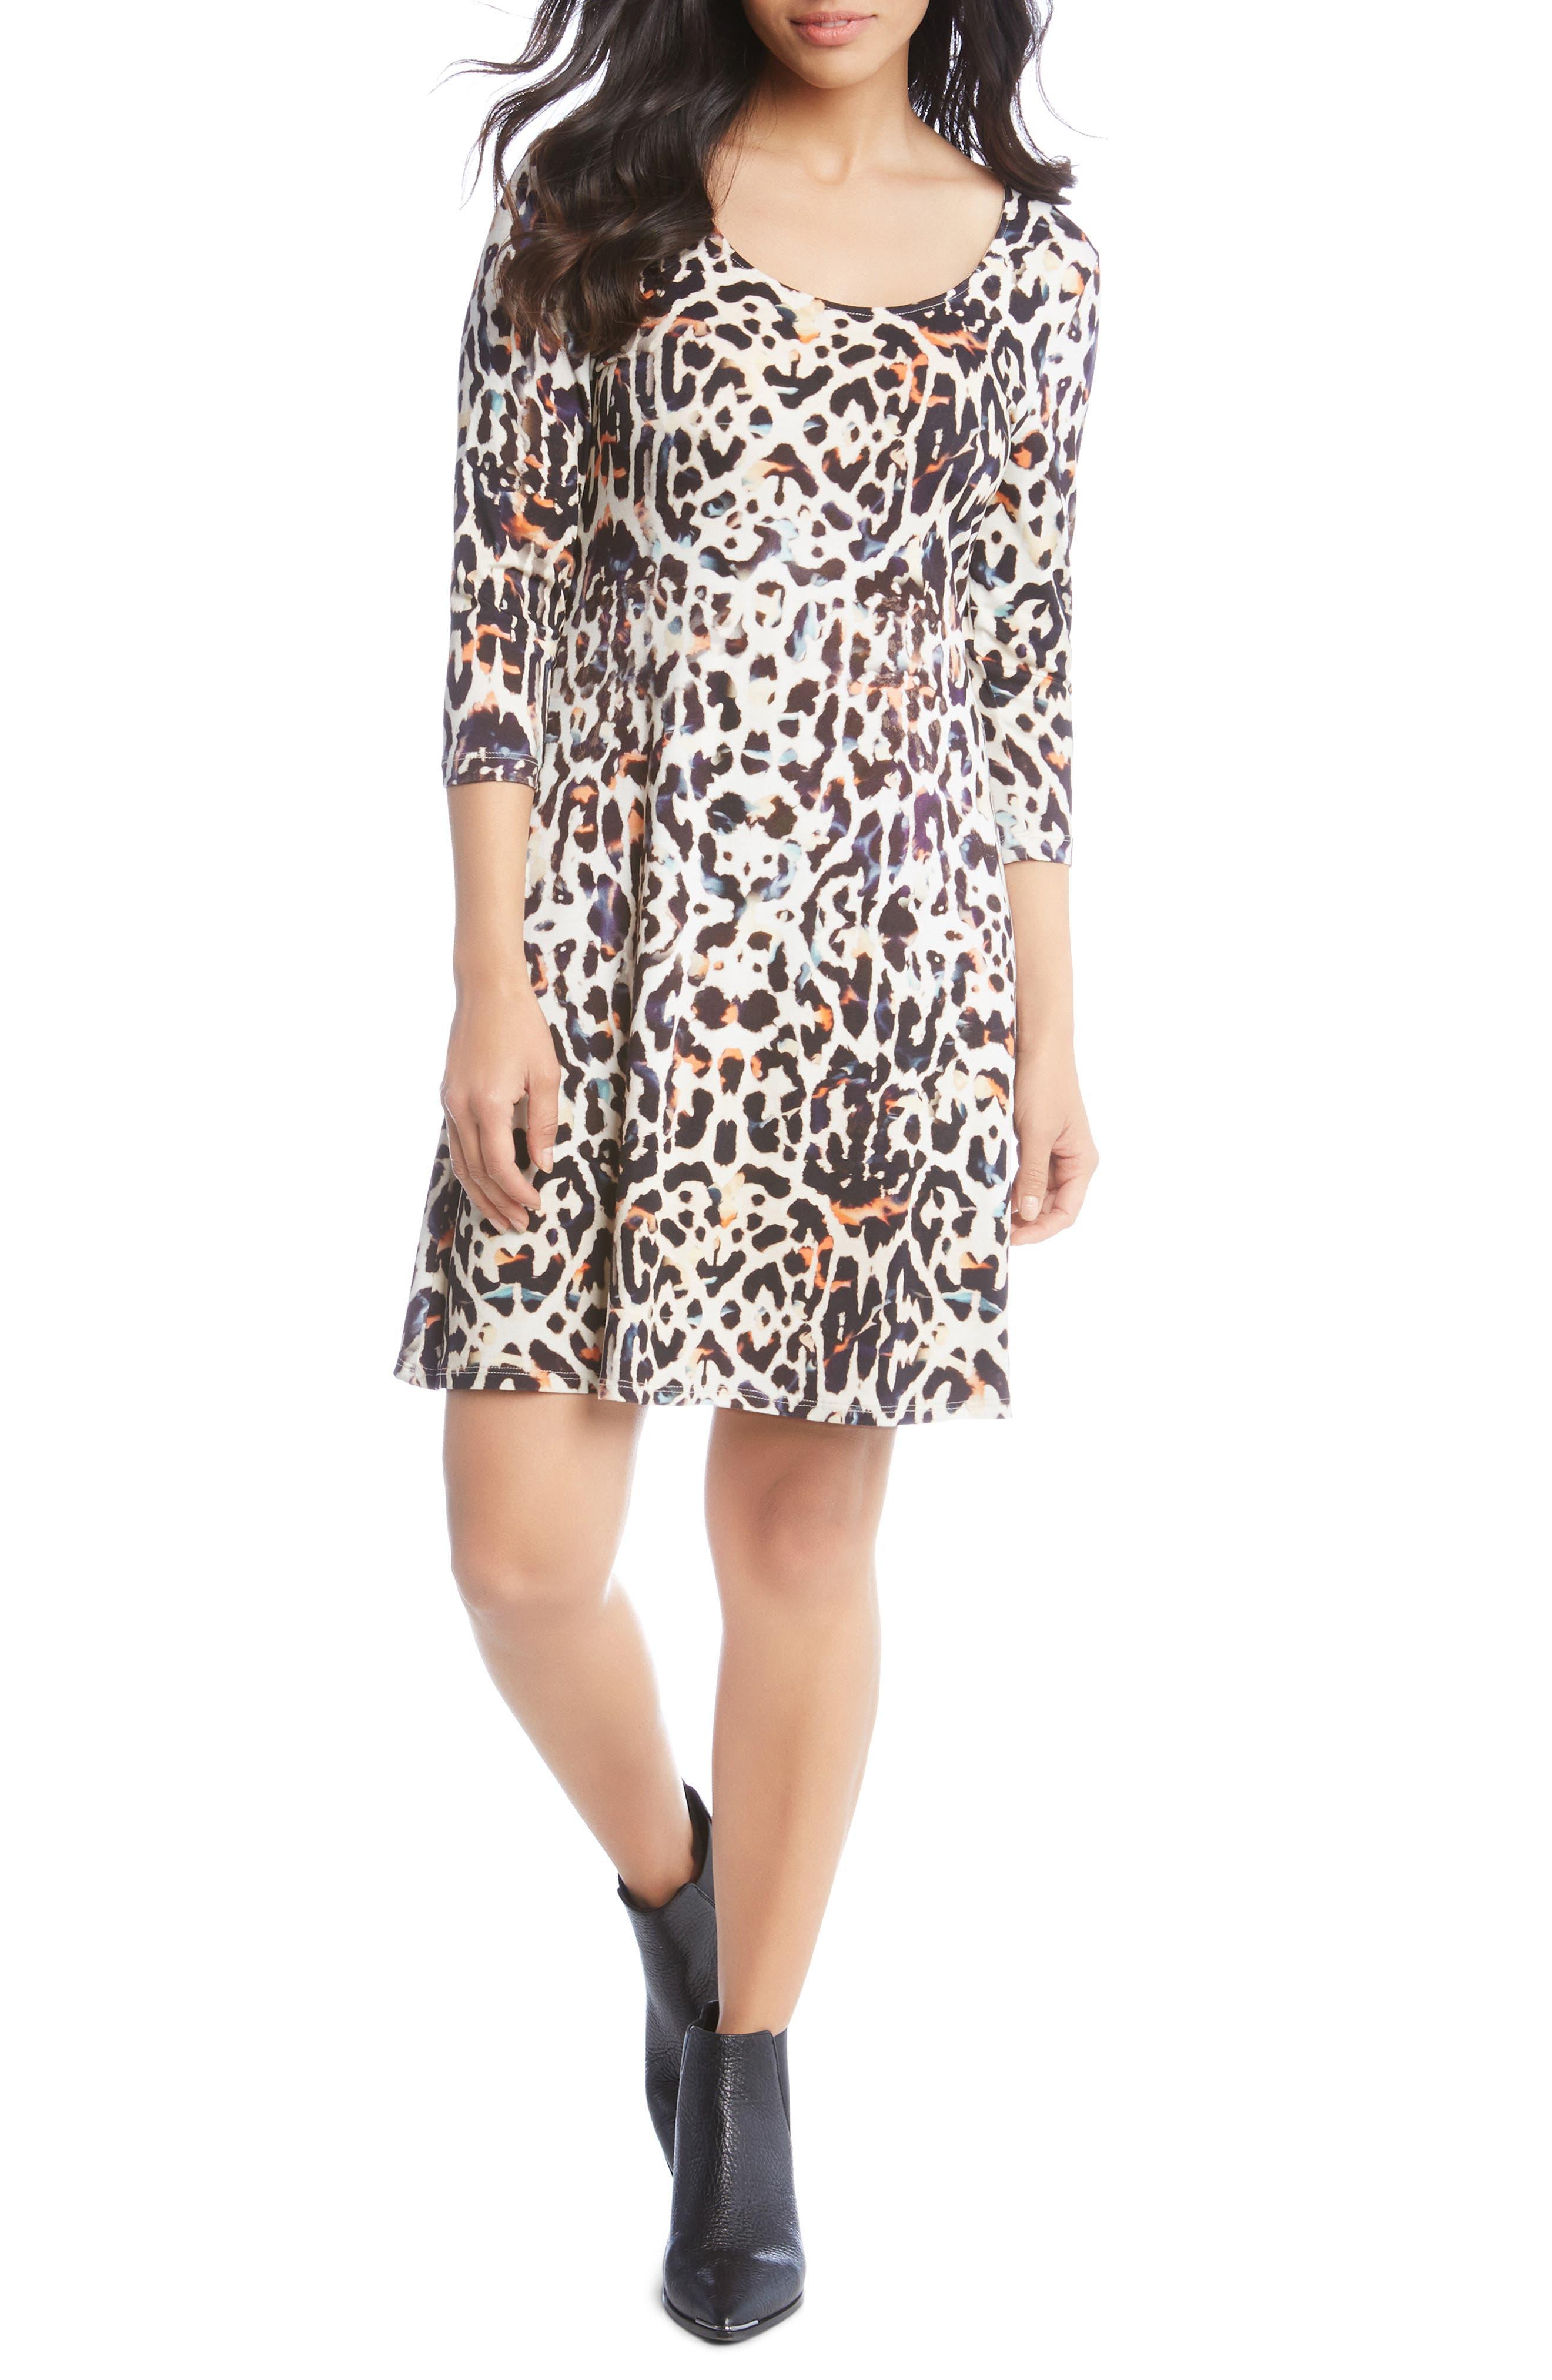 Leopard Print A-Line Dress,                             Main thumbnail 1, color,                             280